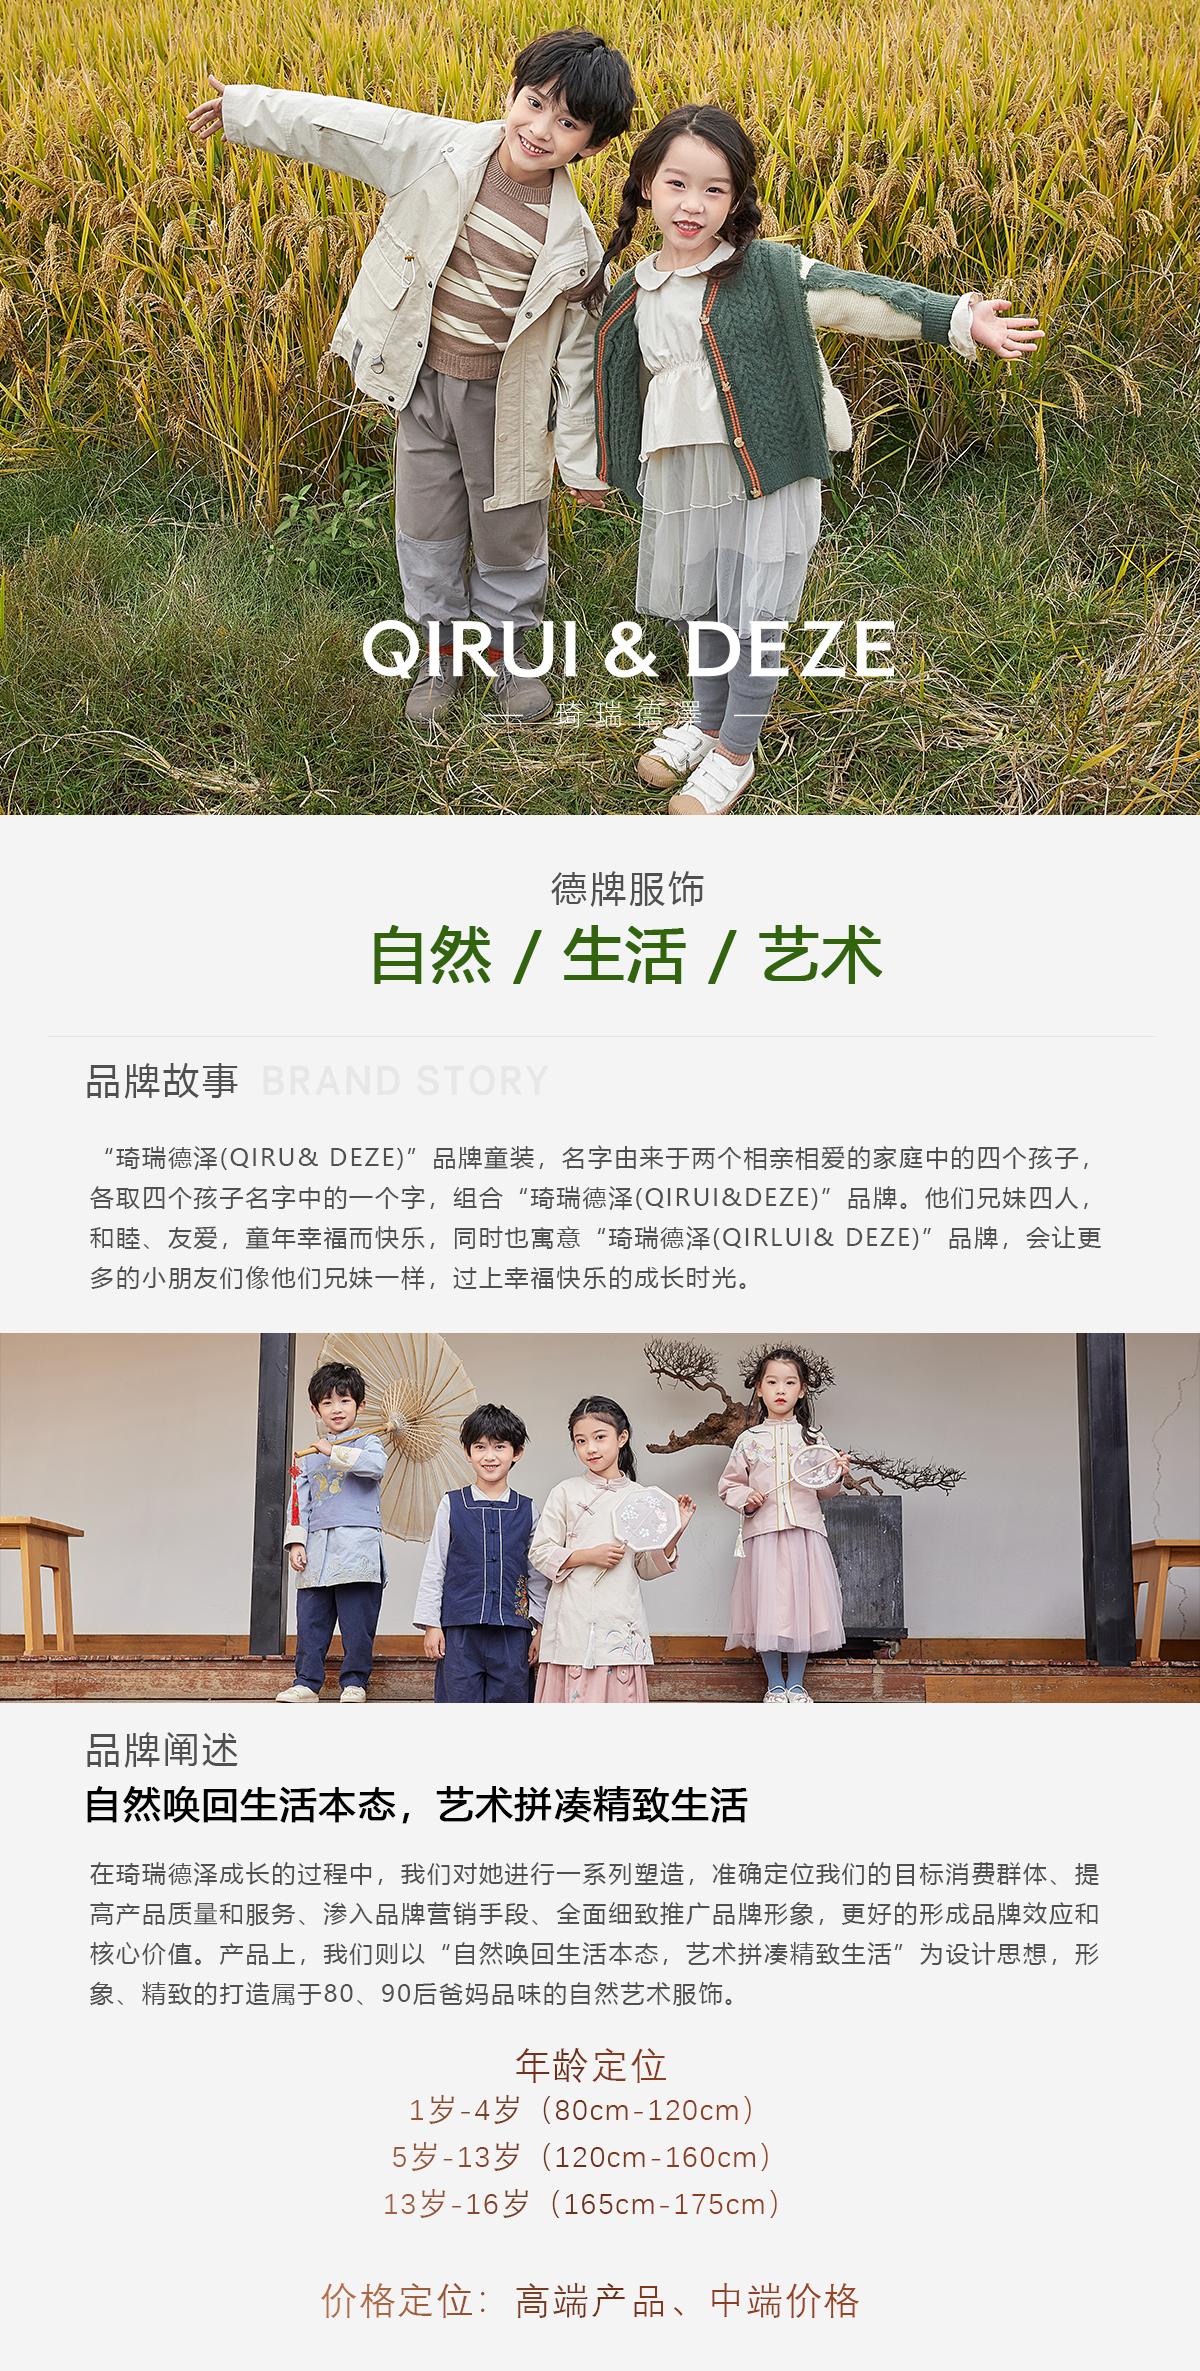 琦瑞德泽QIRUI&DEZE成招全国加盟商